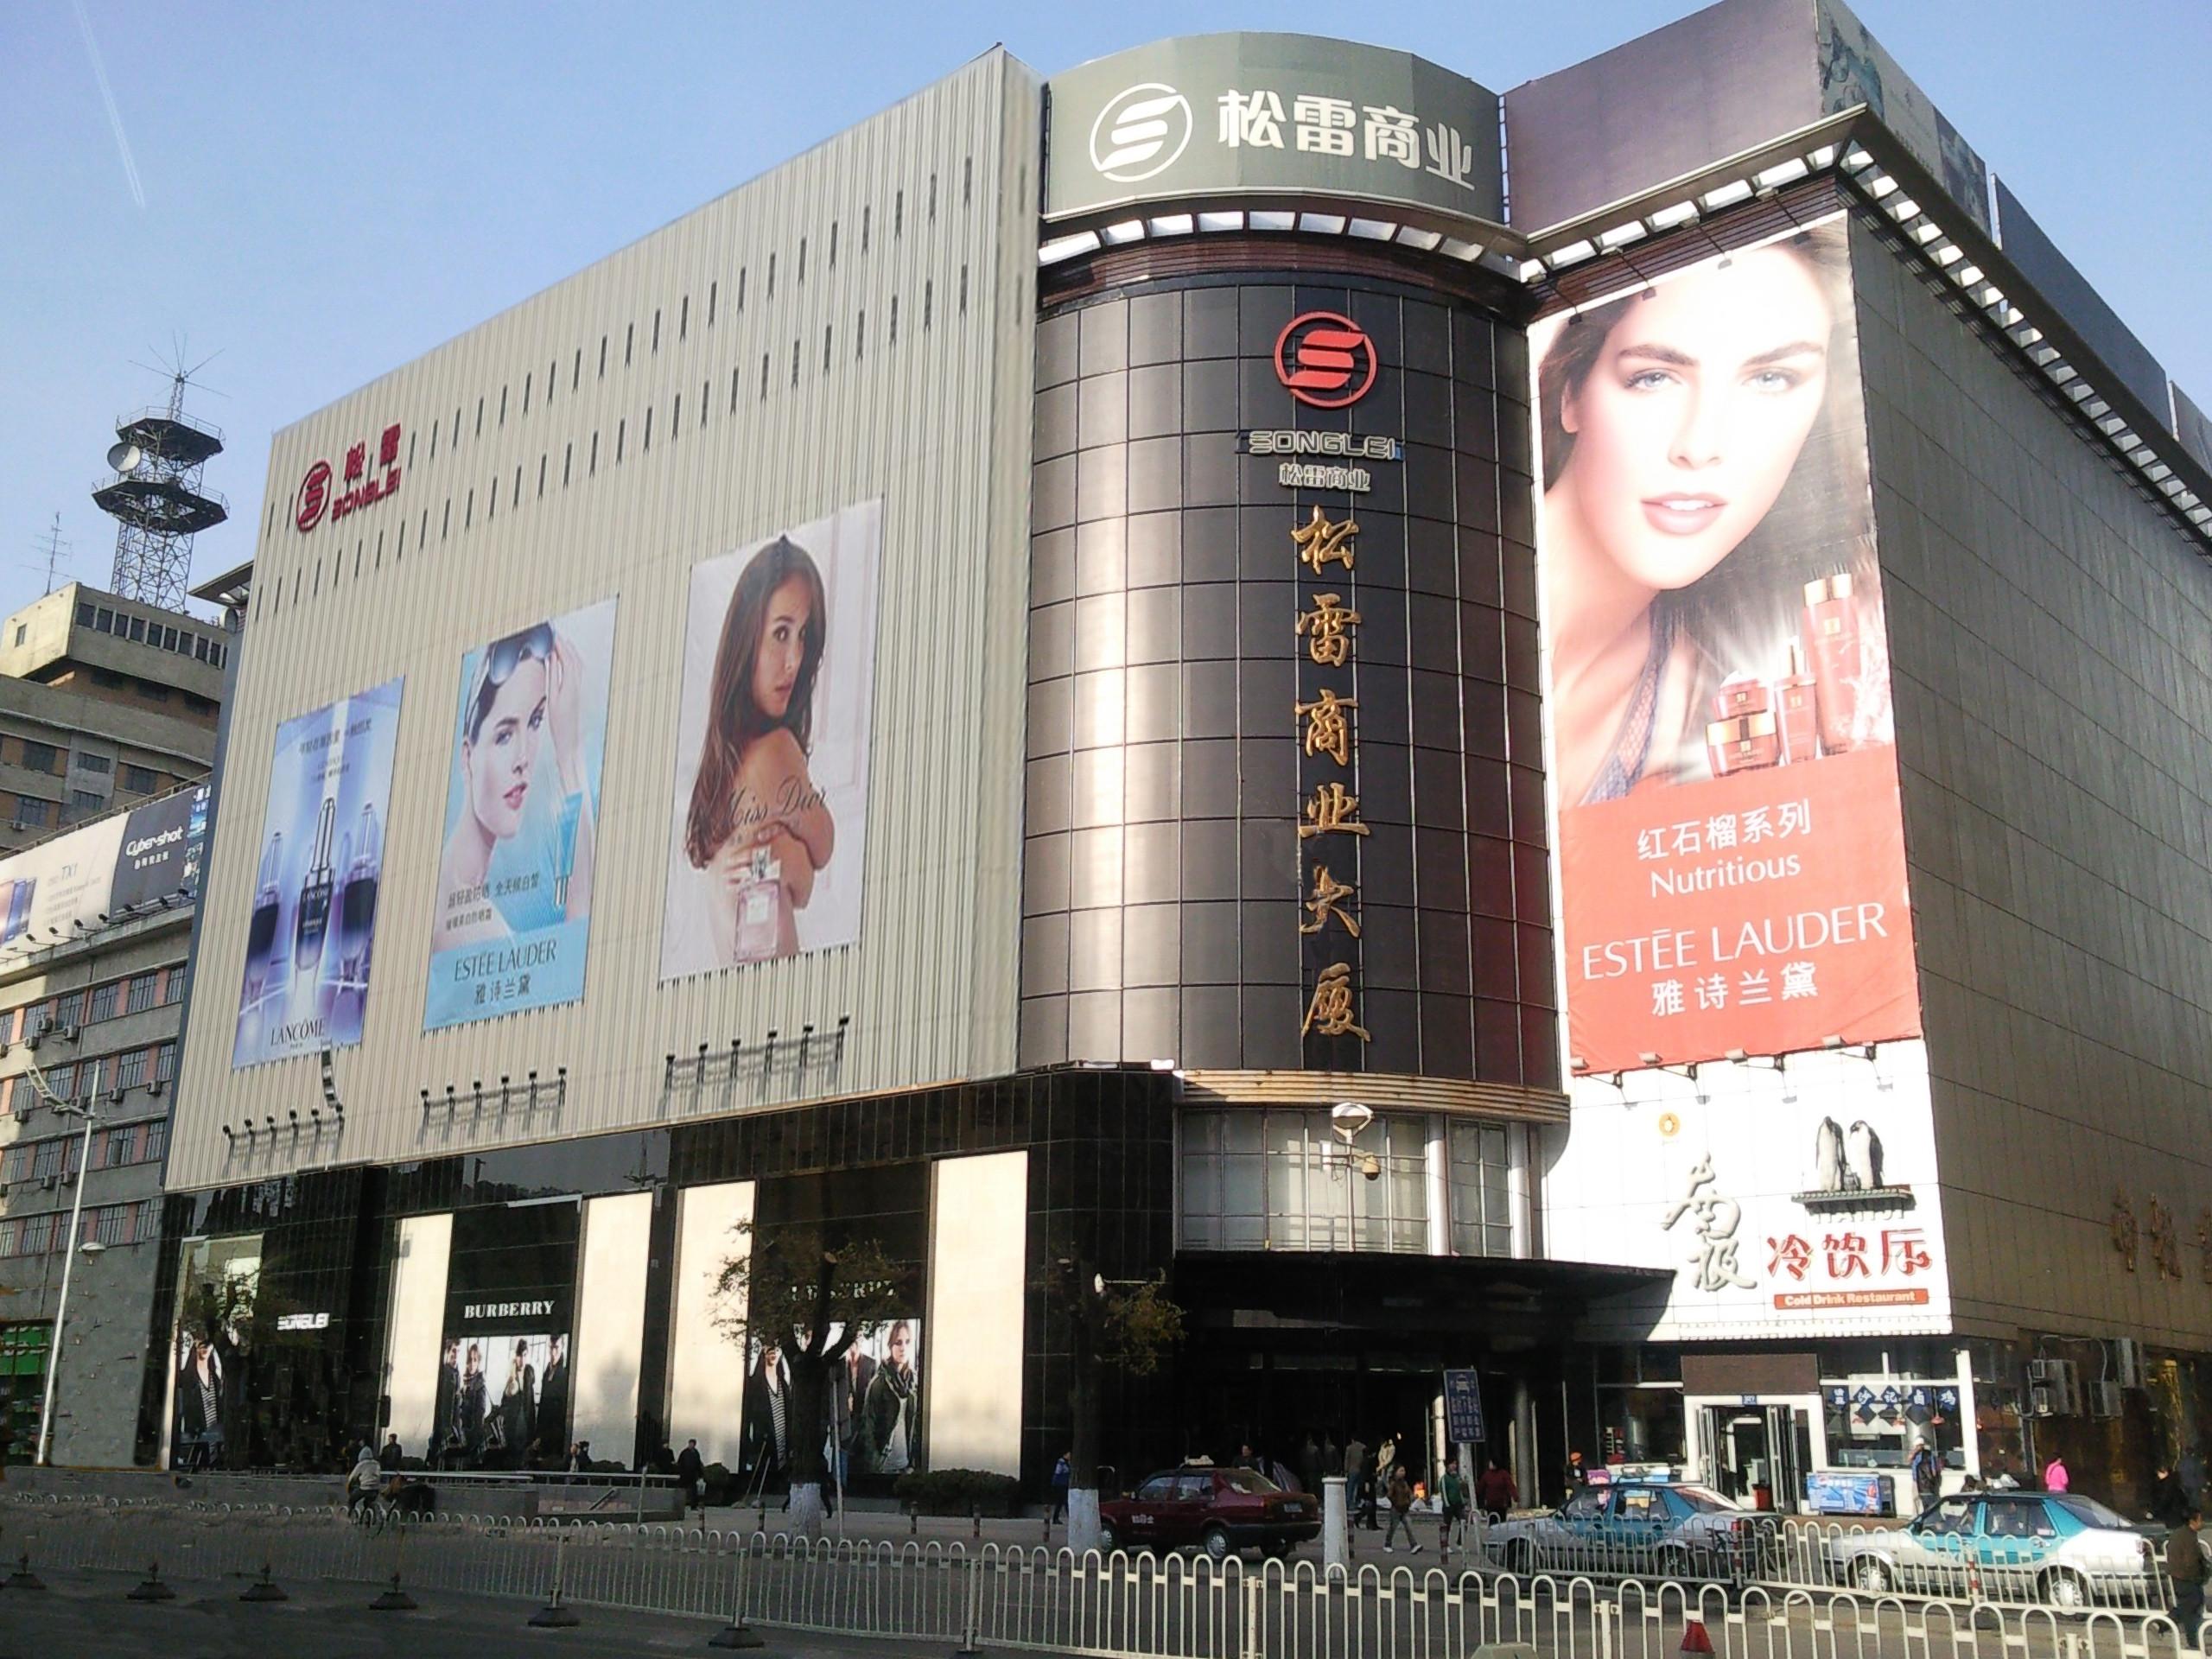 Nuova facciata - Centro Commerciale Songlei